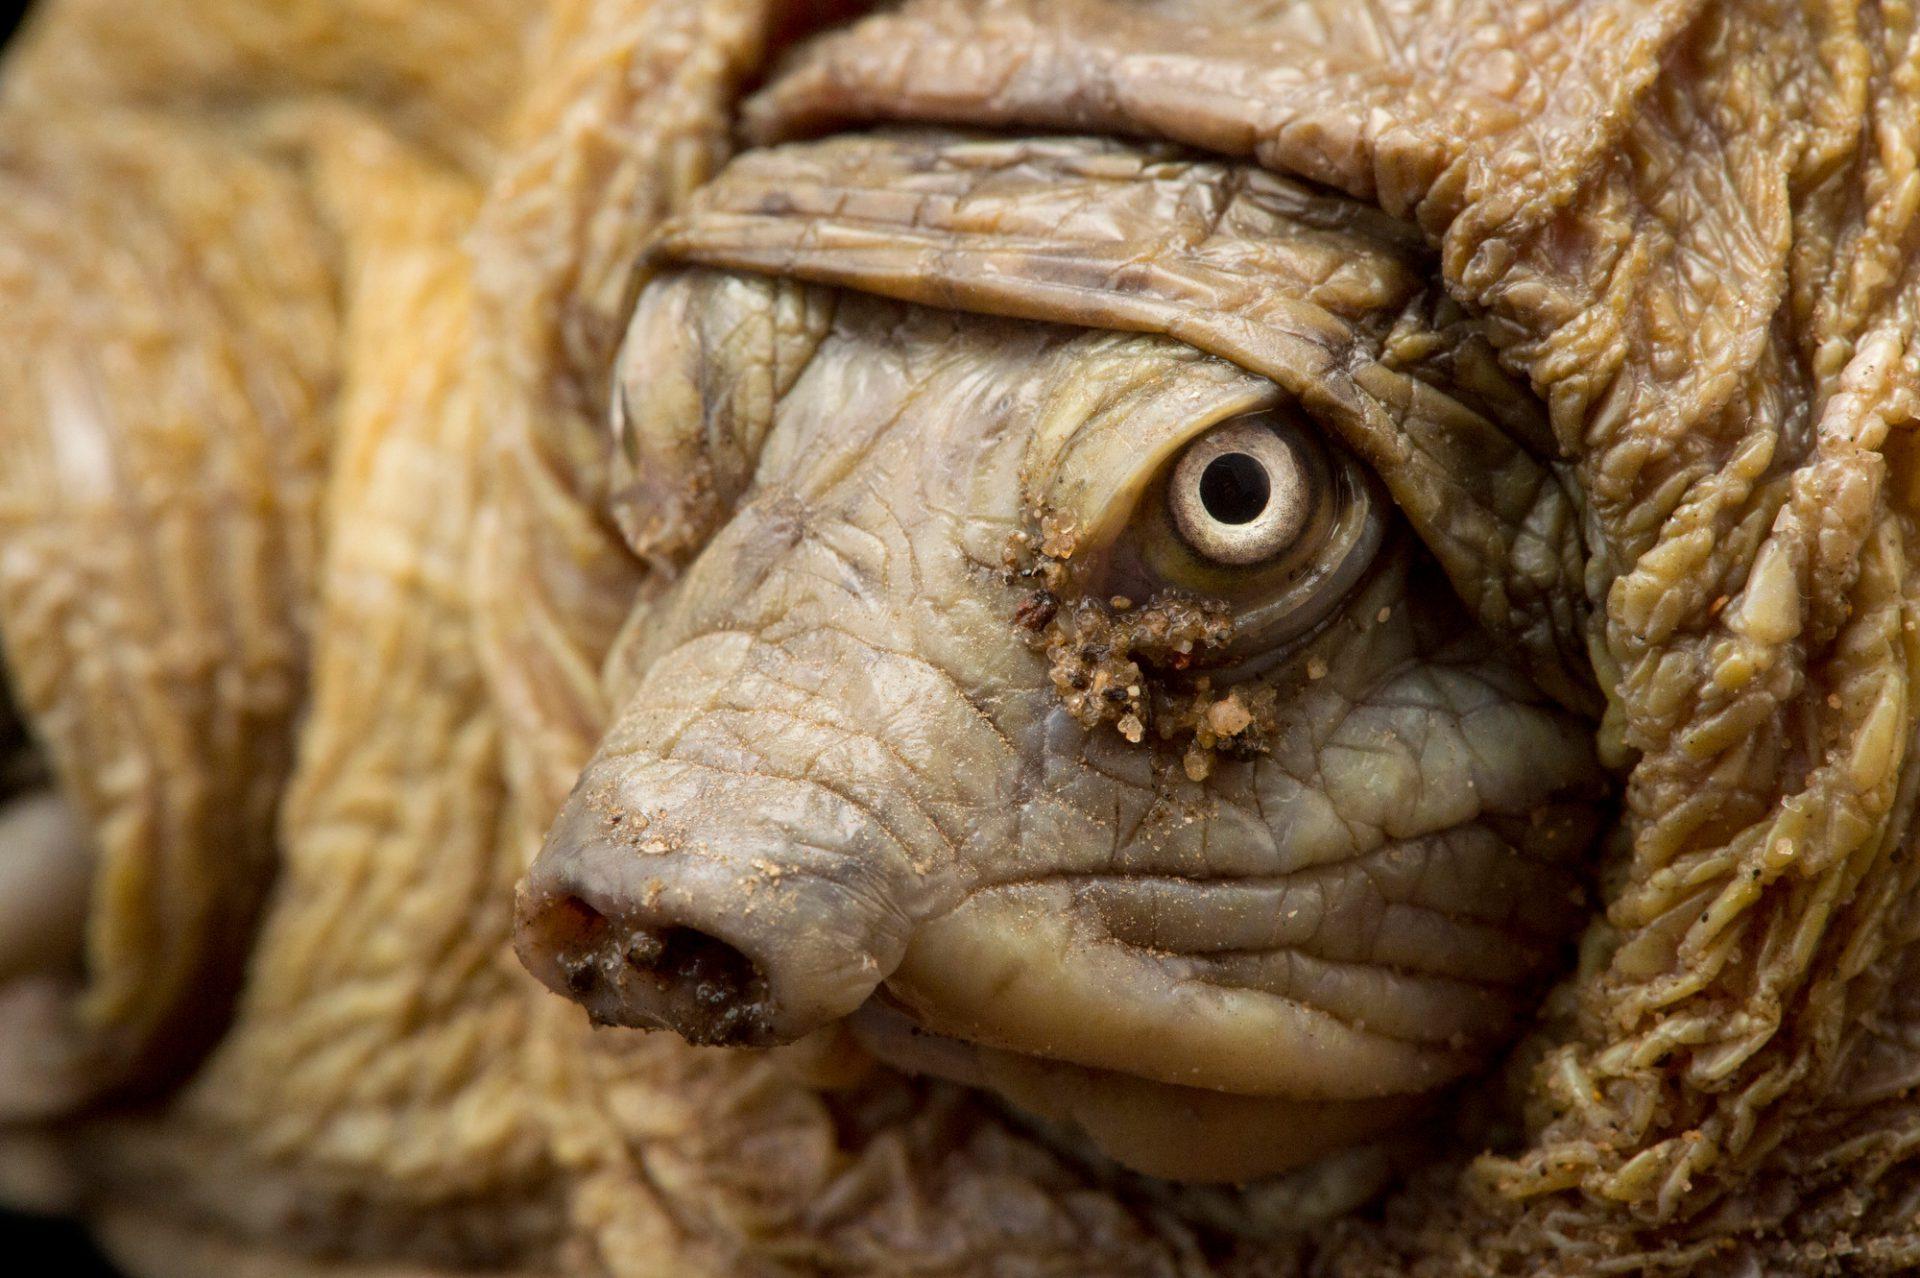 Photo: Indian flap shelled turtle (Lissemys punctata punctata) at Kamla Nehru Zoological Garden, Ahmedabad, India.